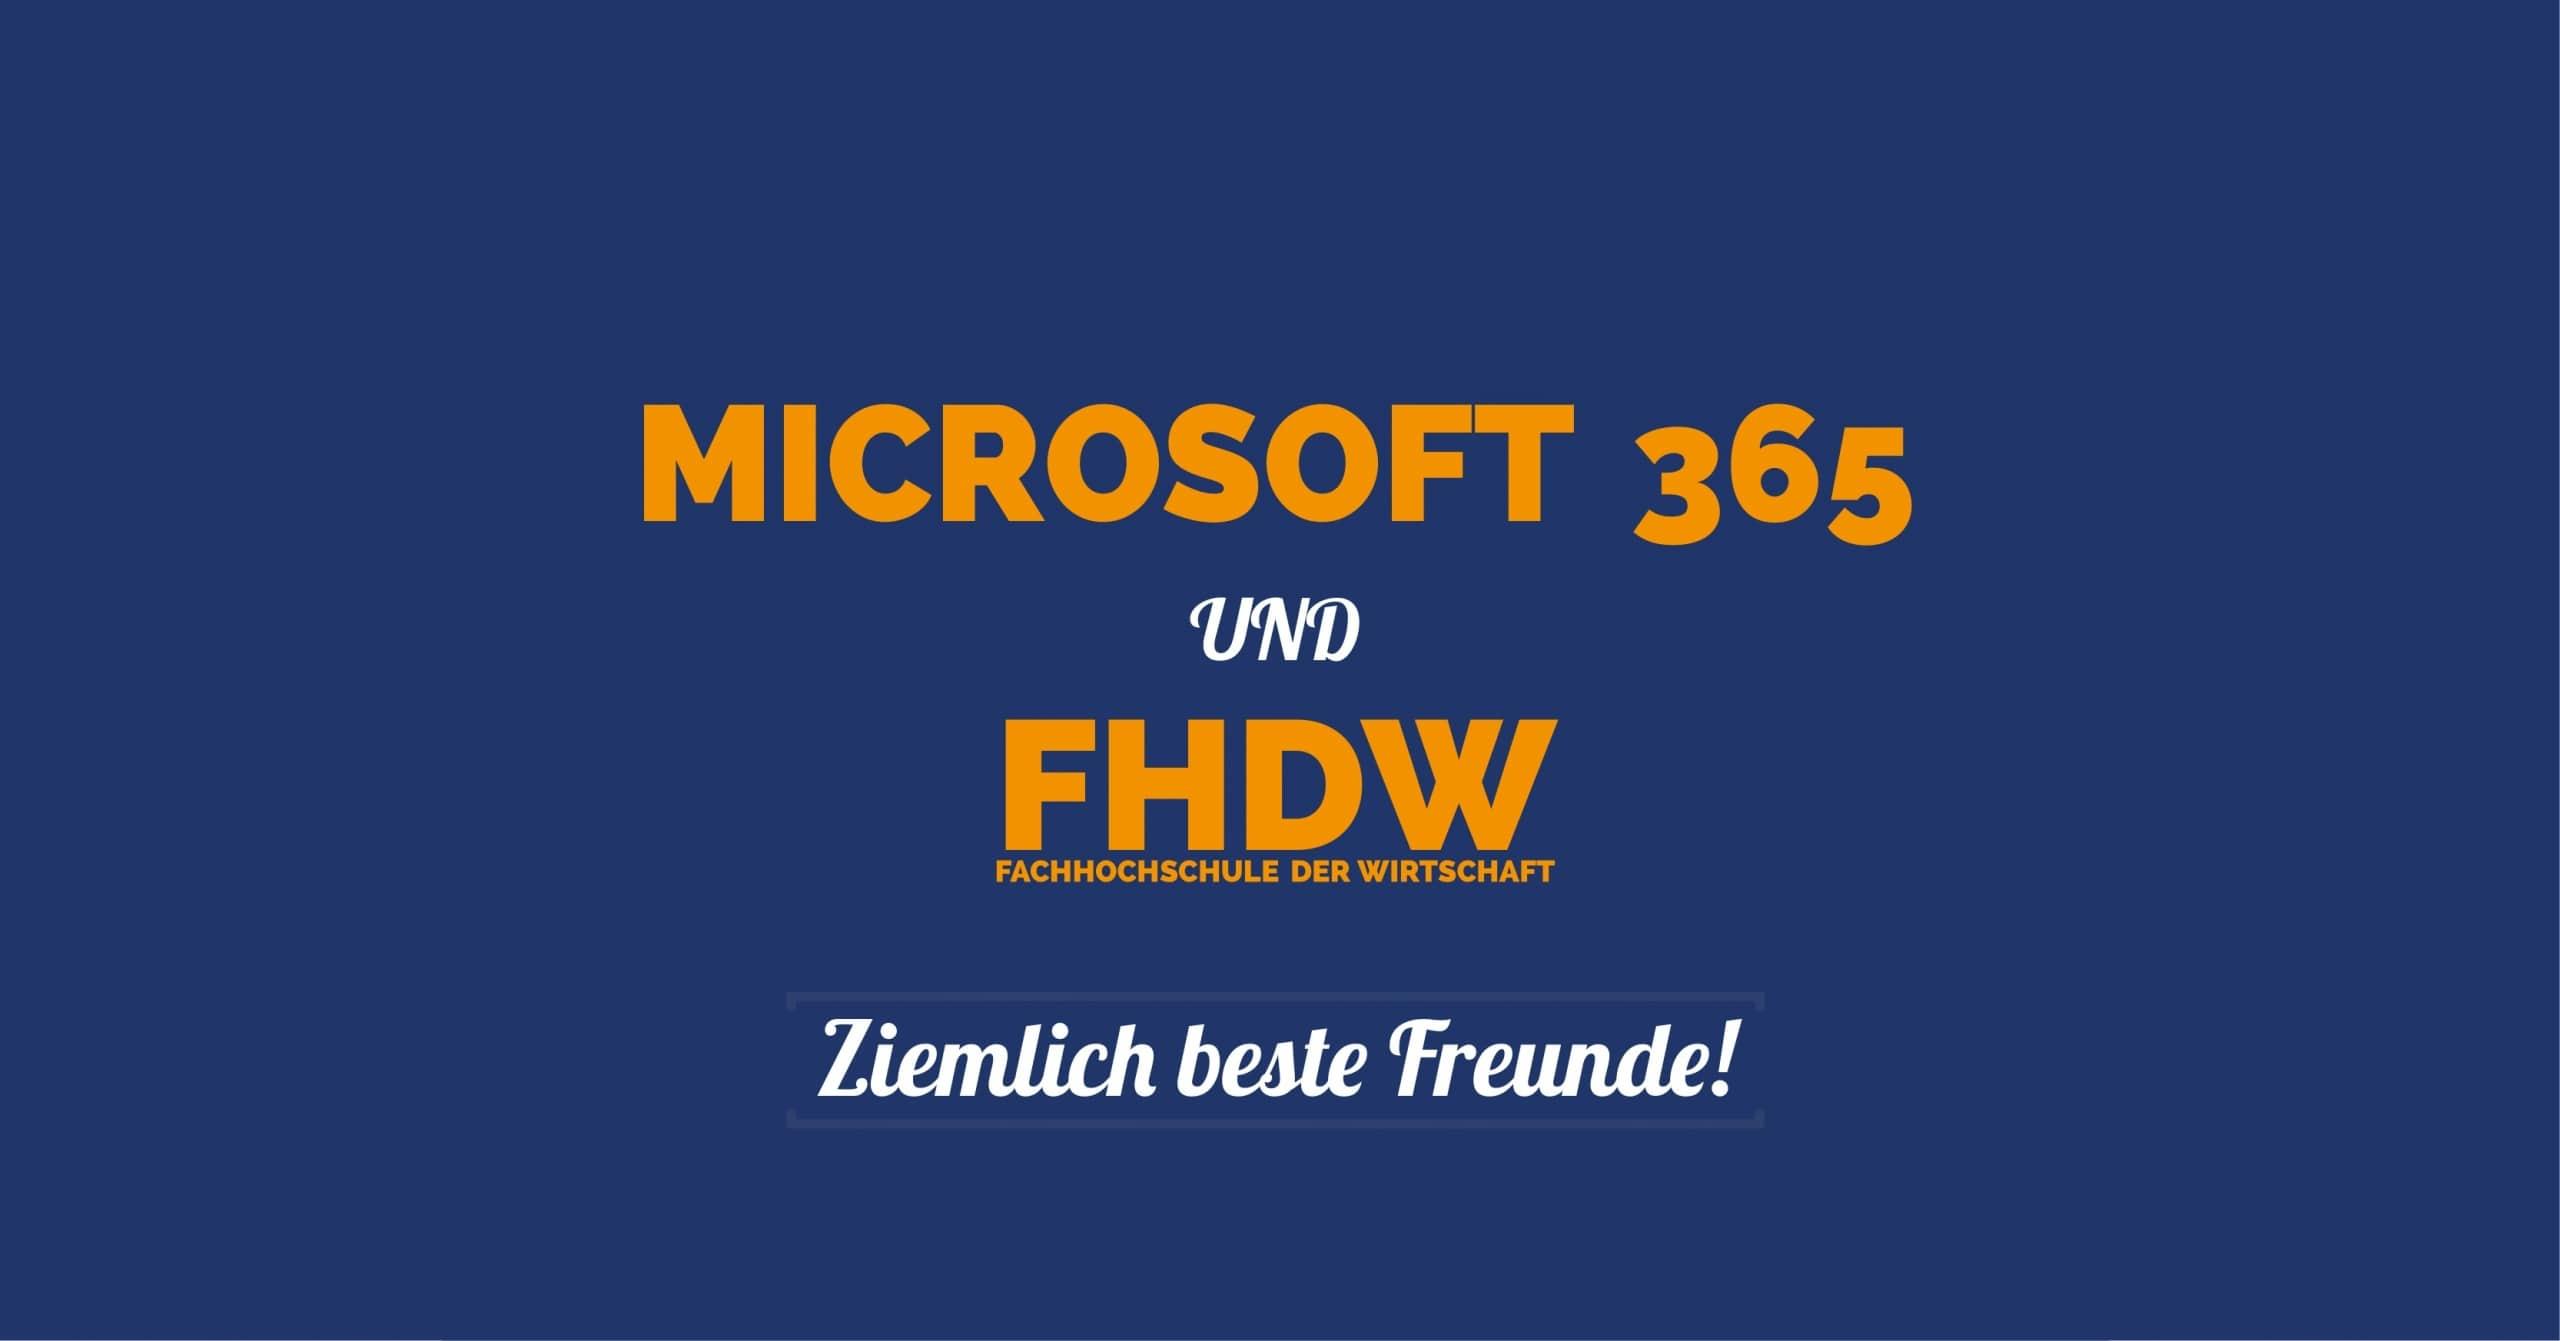 FHDW Microsoft365 Ziemlich Beste Freunde Titelbild scaled